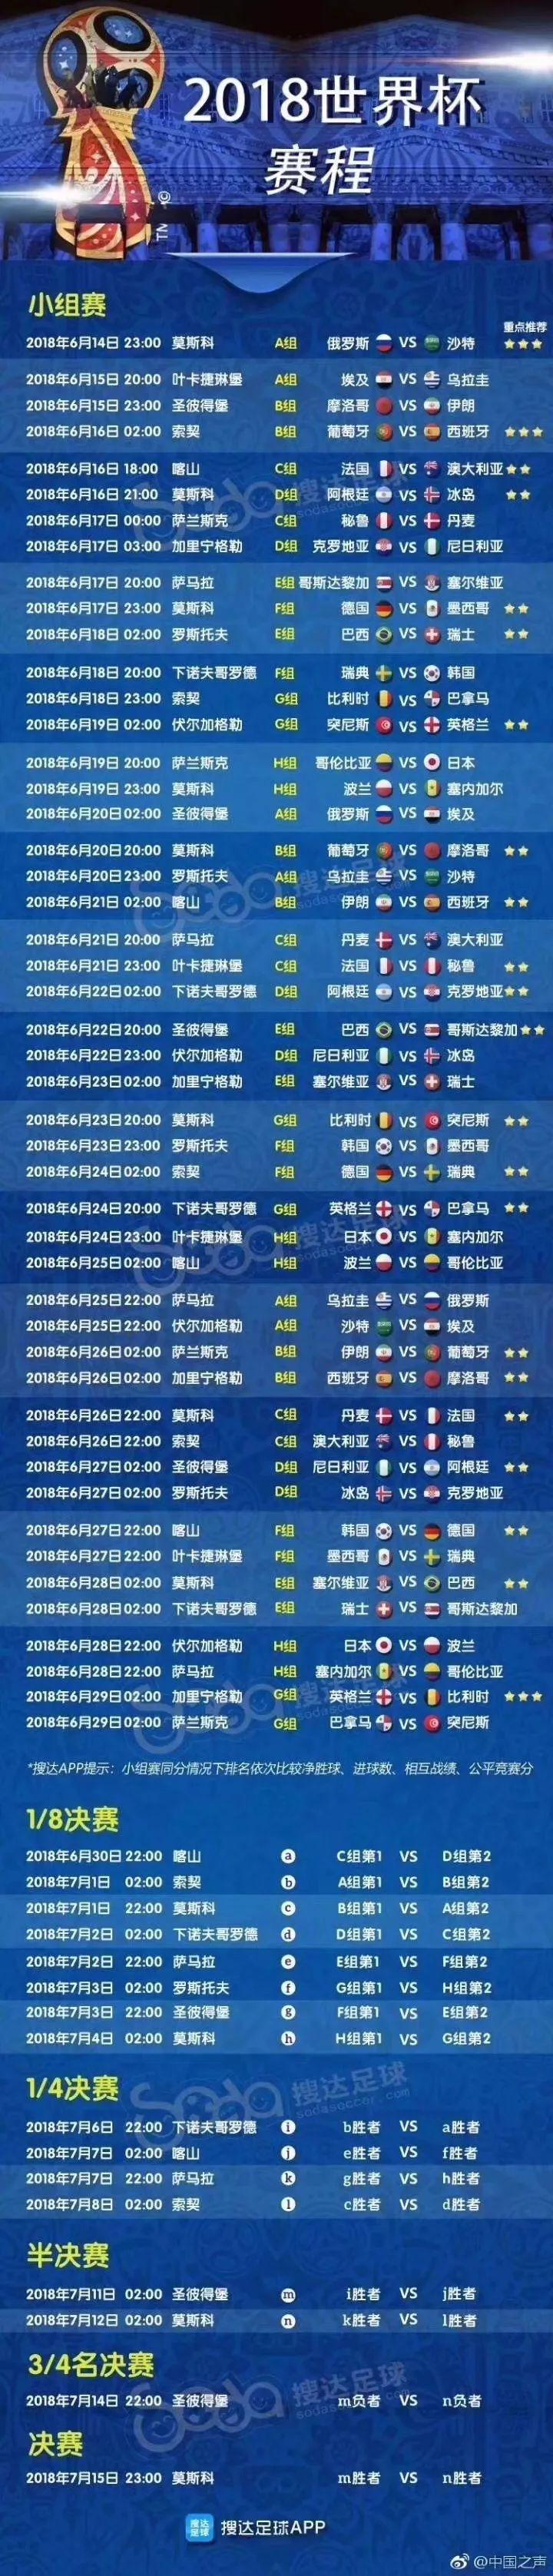 """2018年世界杯赛程表▲   来源:珠海交警    """"乐行南昌"""